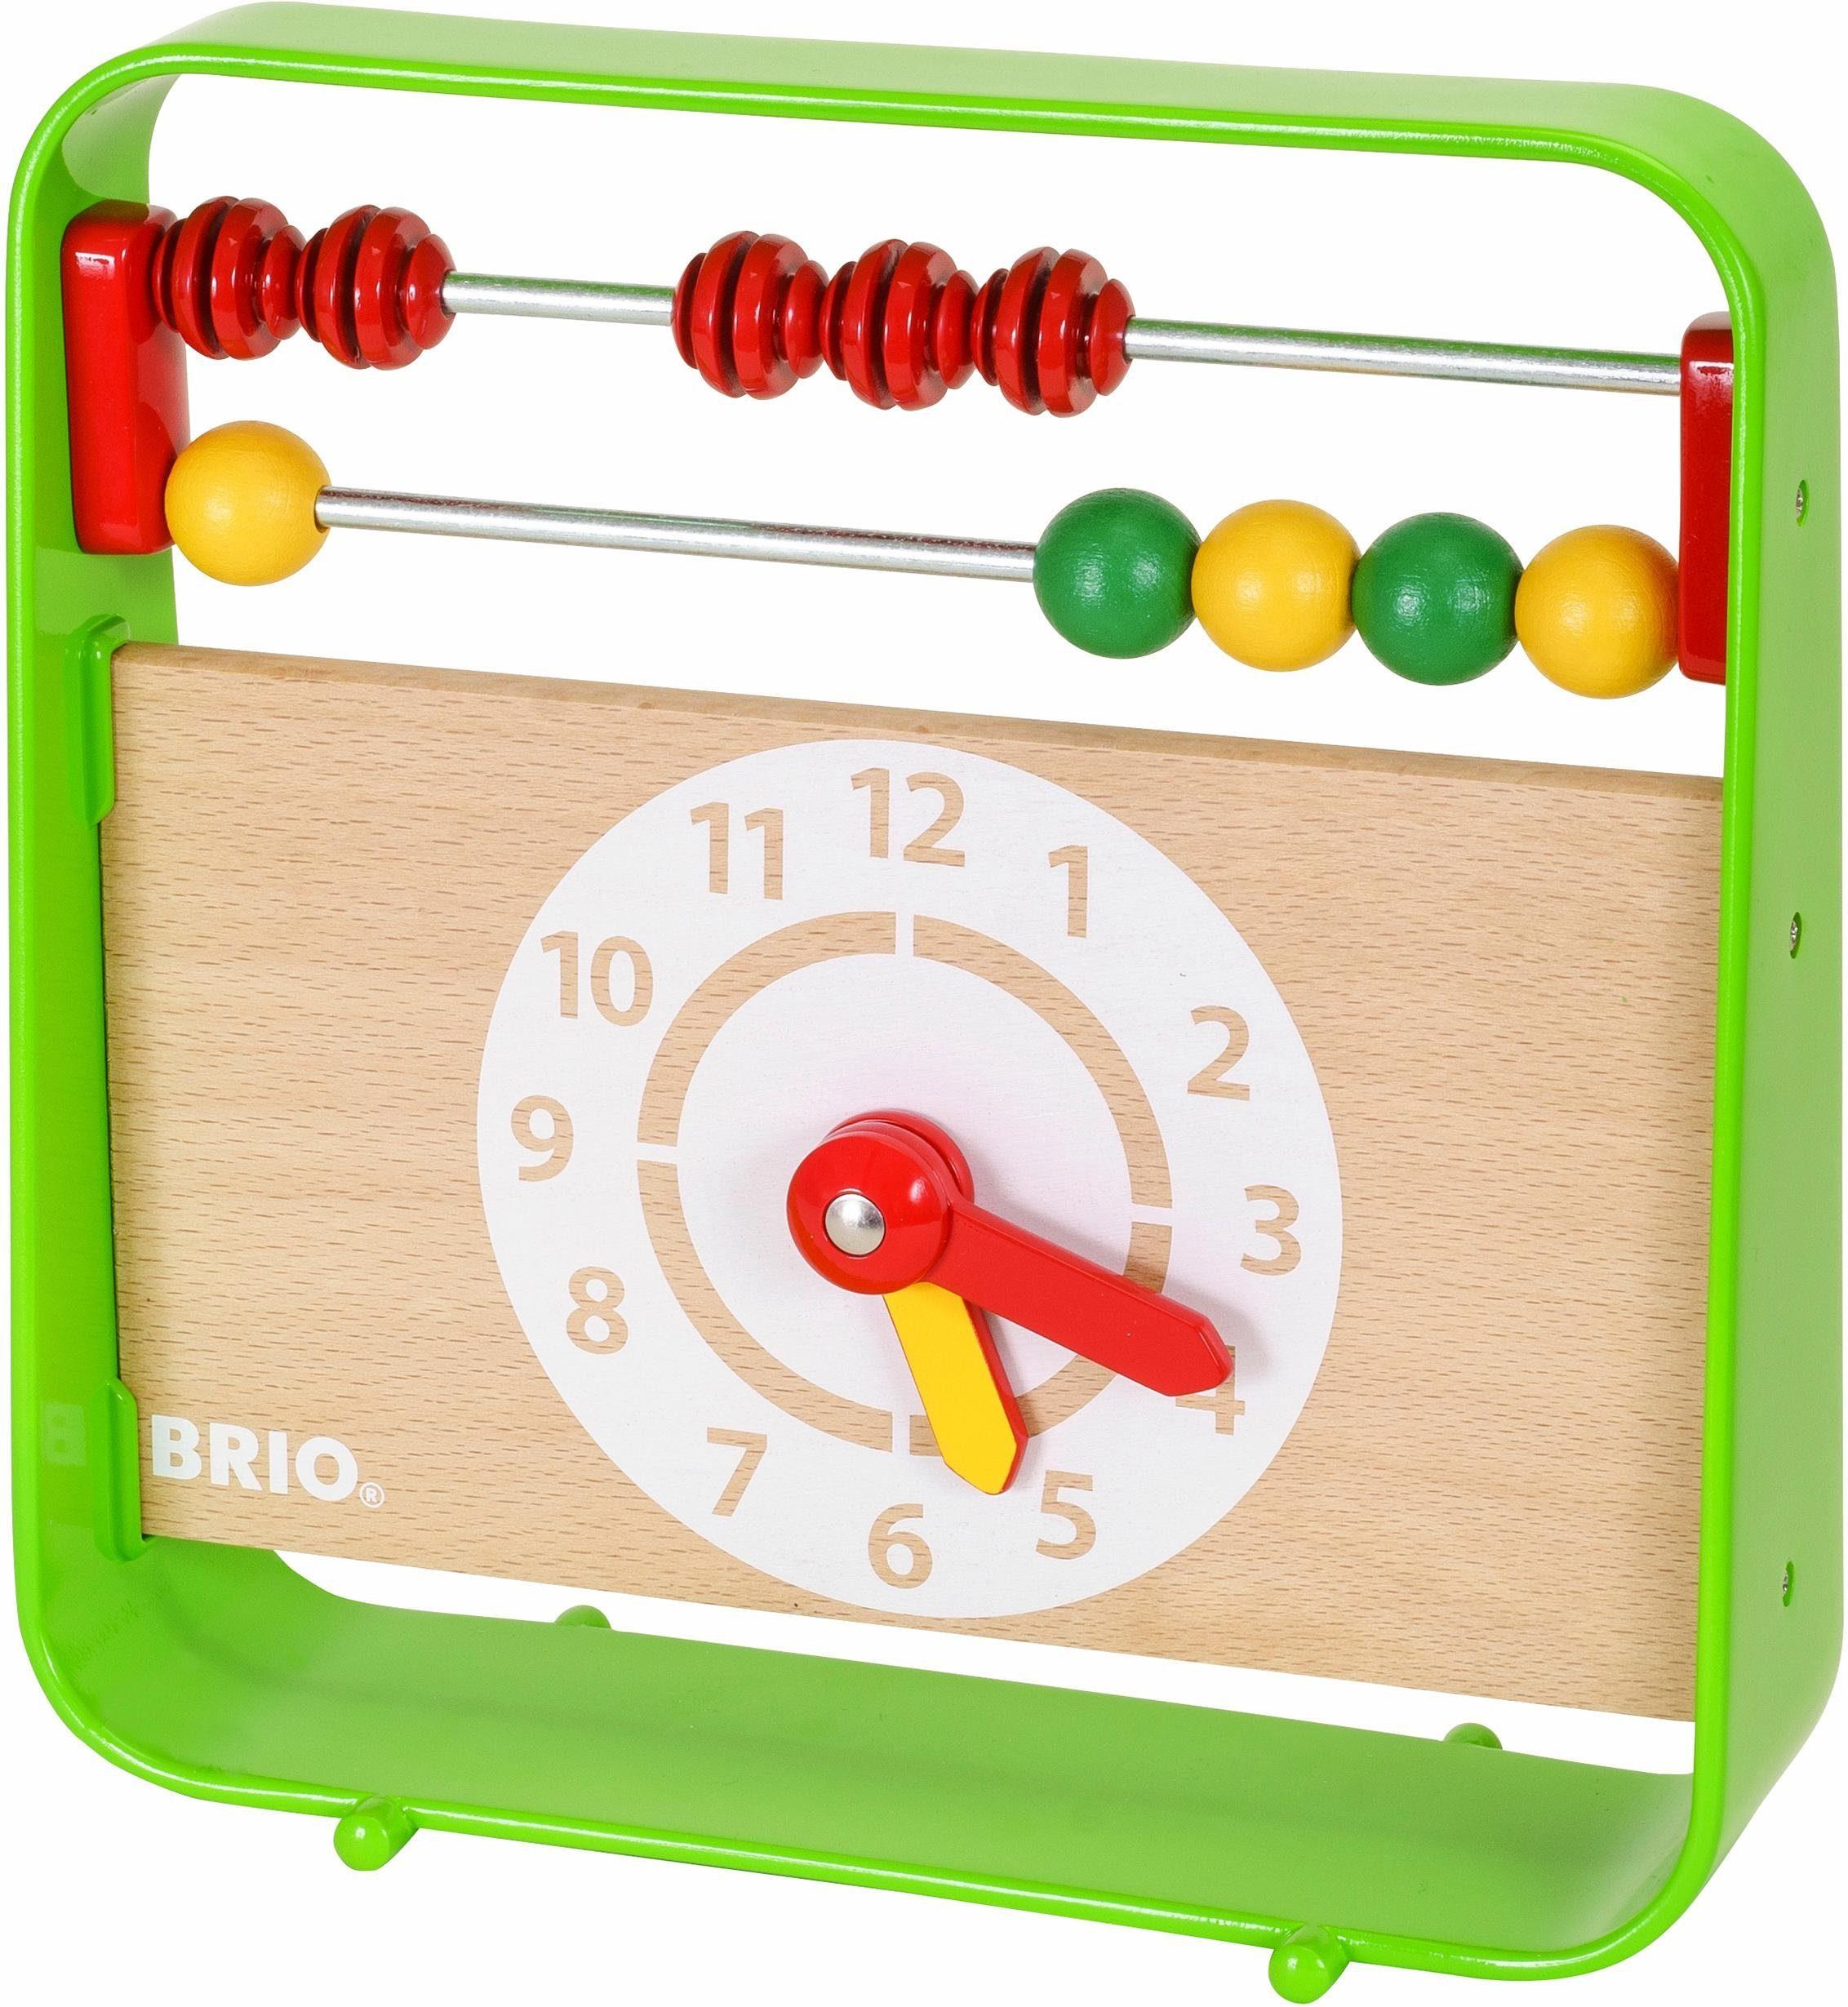 BRIO® Lernspielzeug, »Lernuhr mit Zählrahmen«